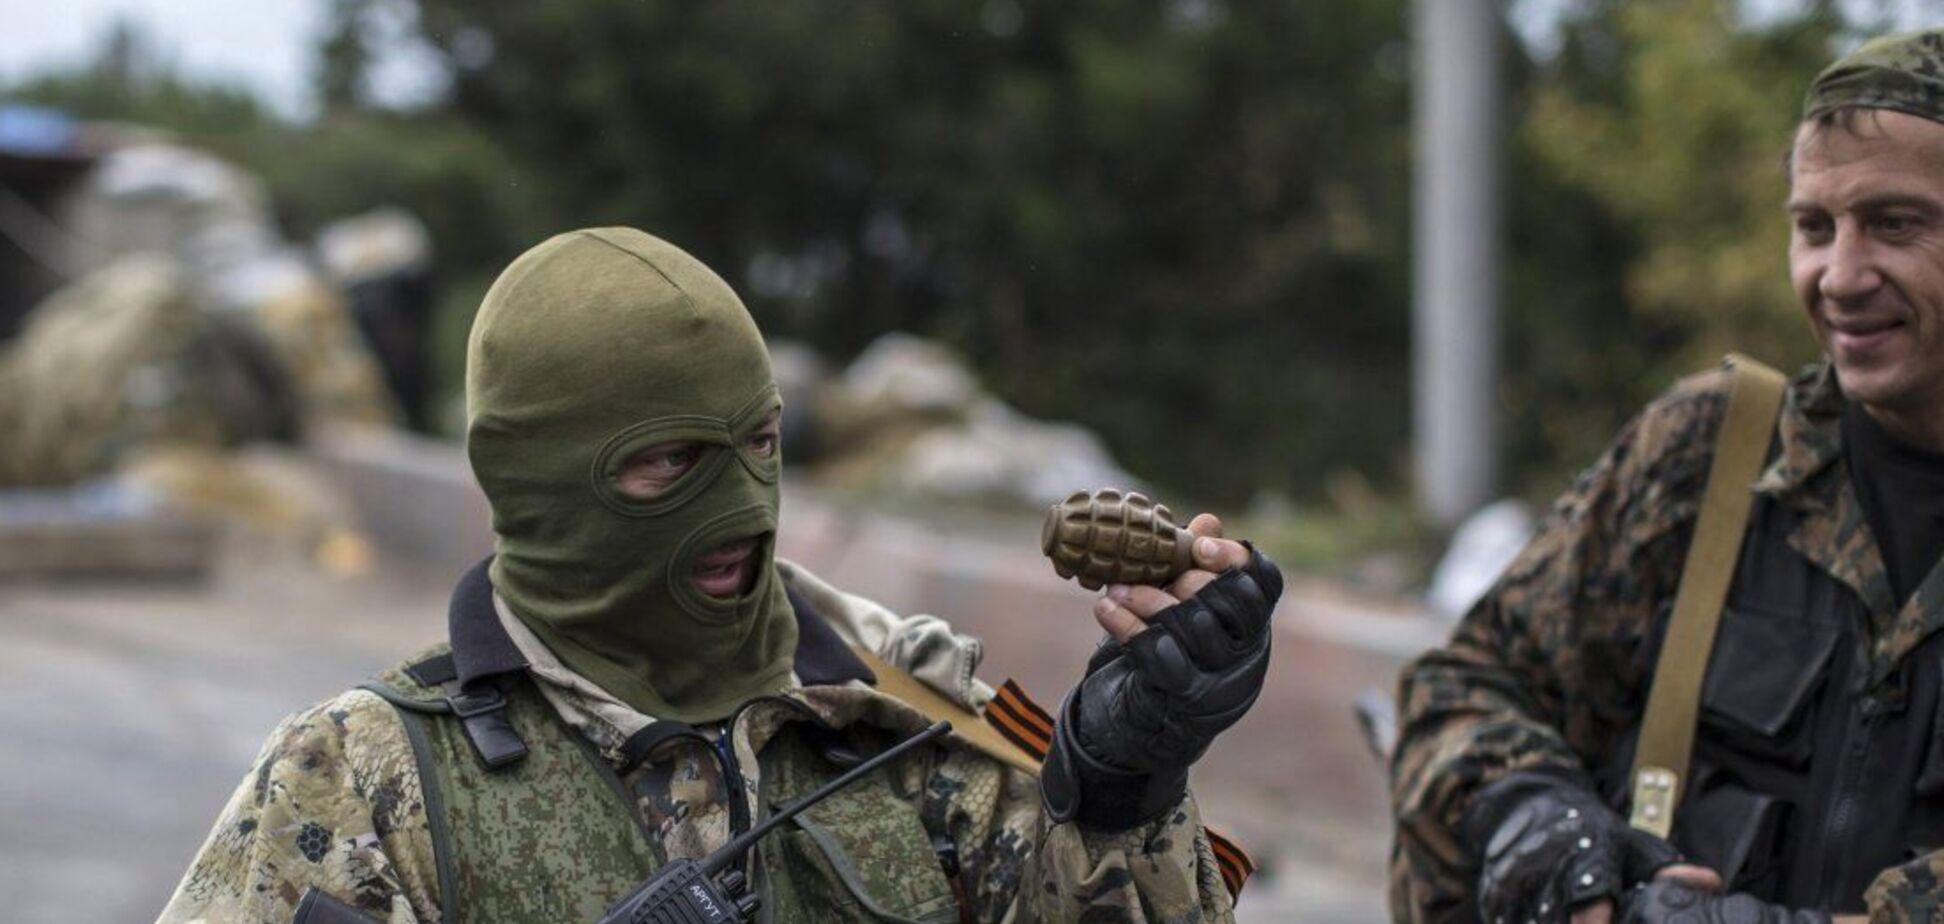 Терористи на Донбасі зазнають небойових втрат під час перемир'я